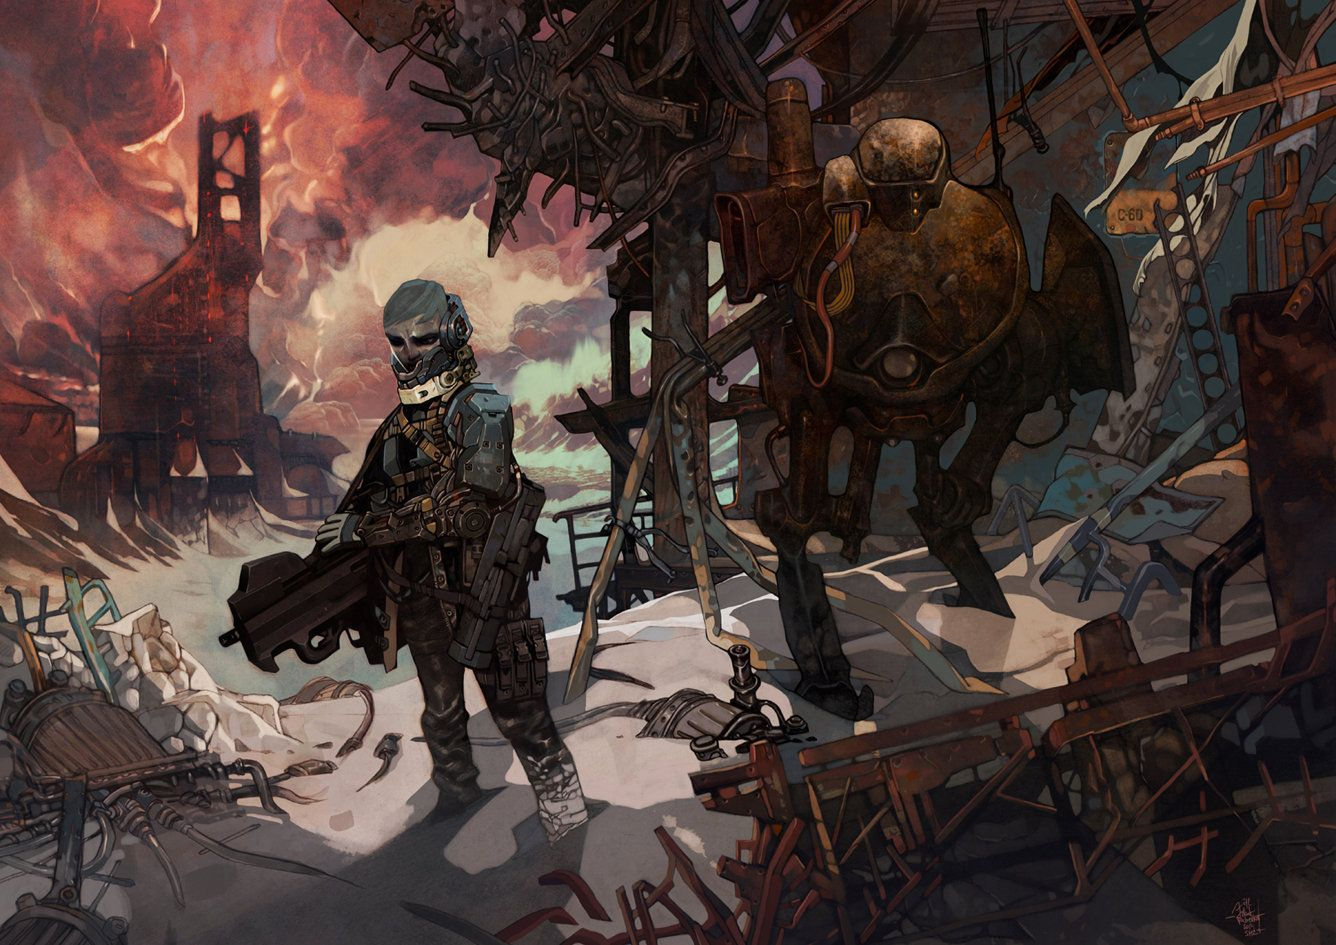 jakub-rebelka-patrol.jpg (1336×945)